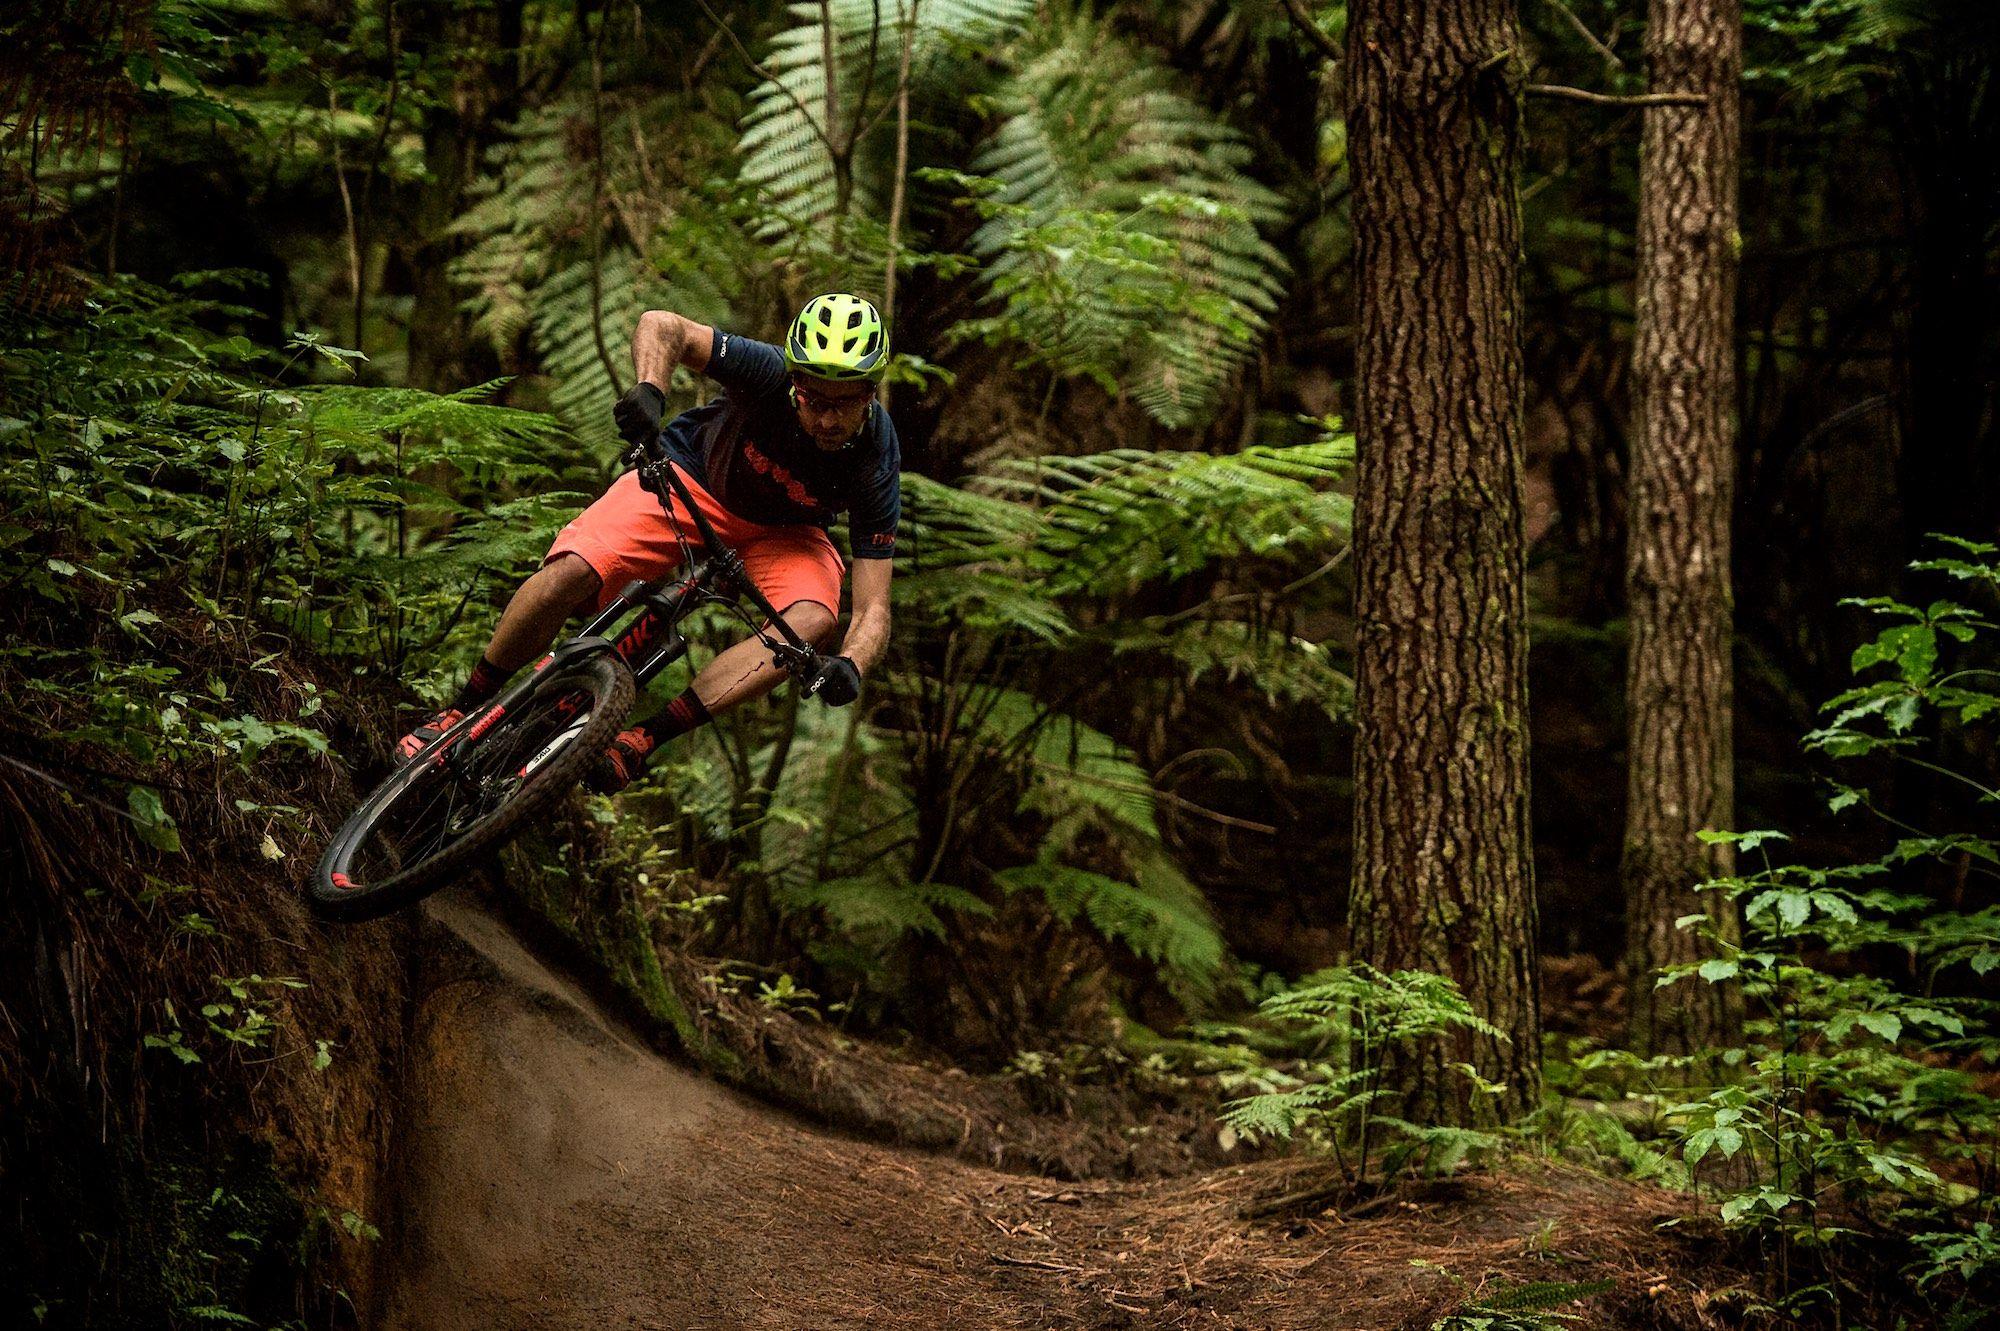 Specialized Stumpjumper Wallpaper Riding Bike Downhill 2000x1331